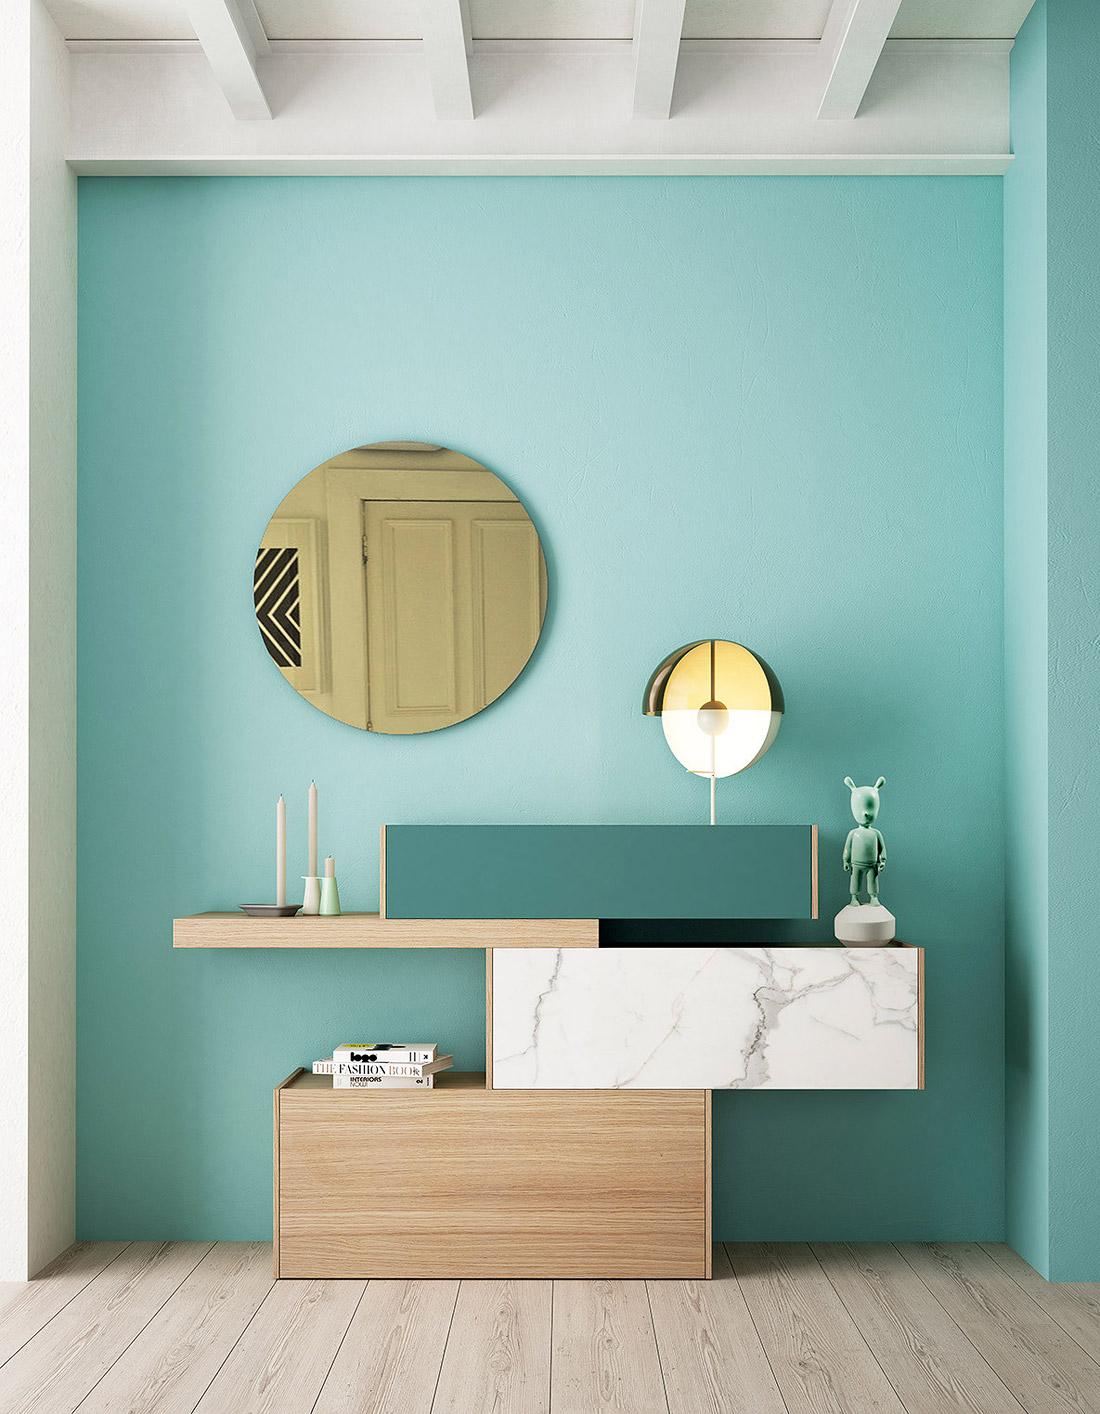 Ideas para decorar un recibidor moderno en tonos neutros